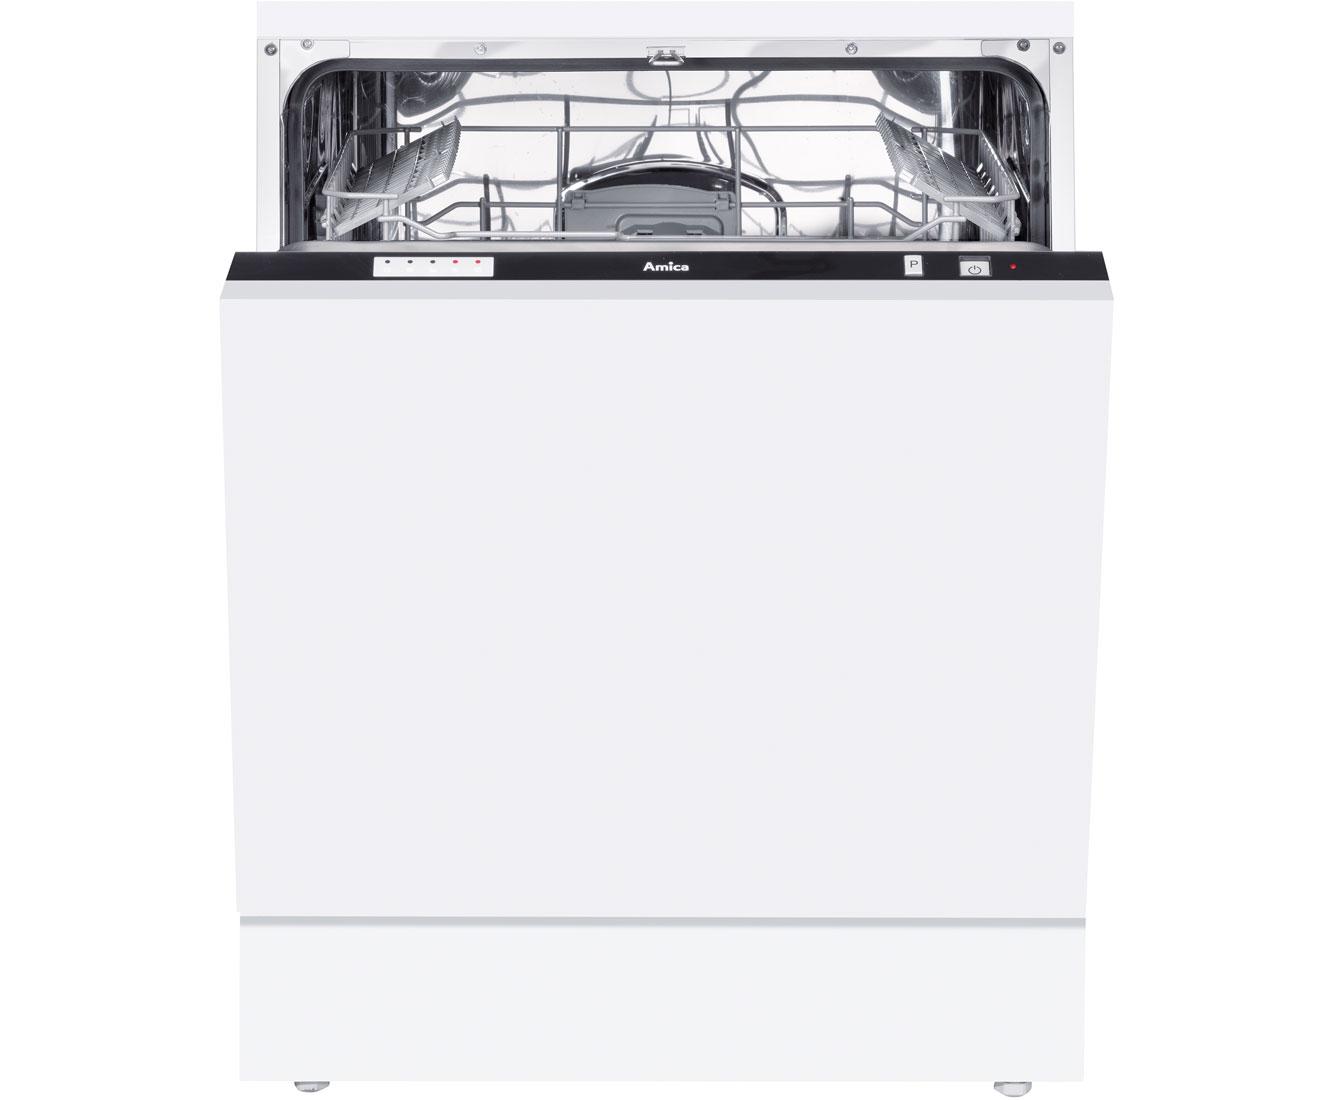 Vollintegrierter Geschirrspuler 60 Cm Bosch Smv46gx01e